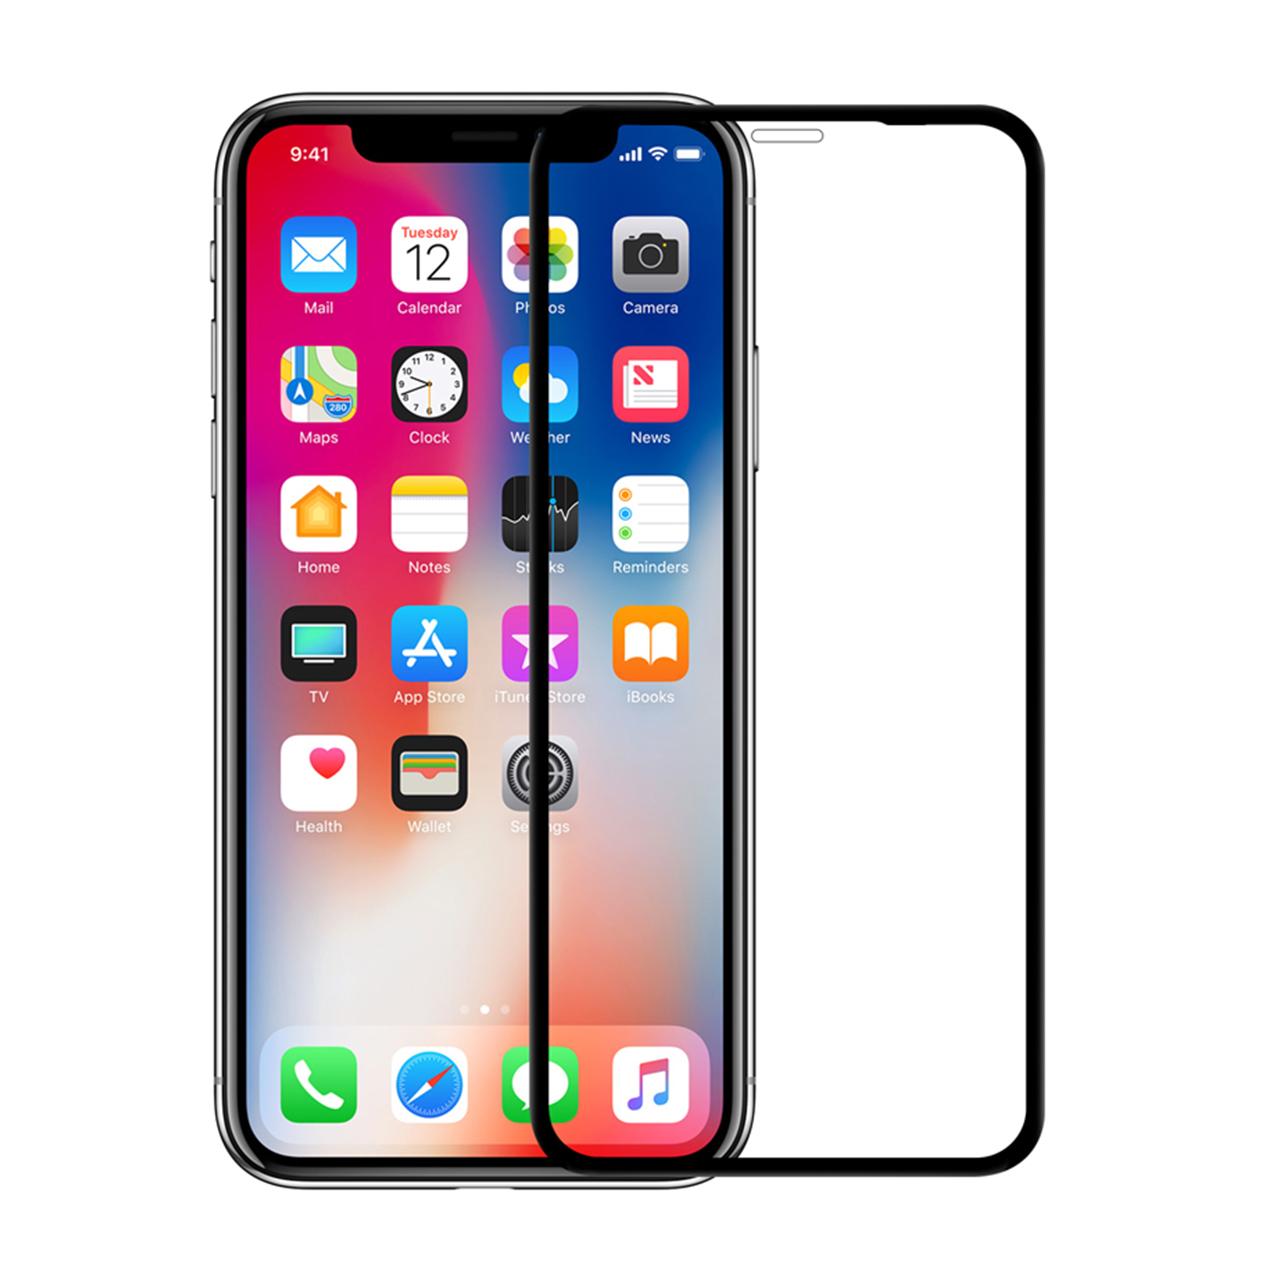 محافظ صفحه نمایش نیکسو مدل FG مناسب برای گوشی موبایل اپل Iphone XR